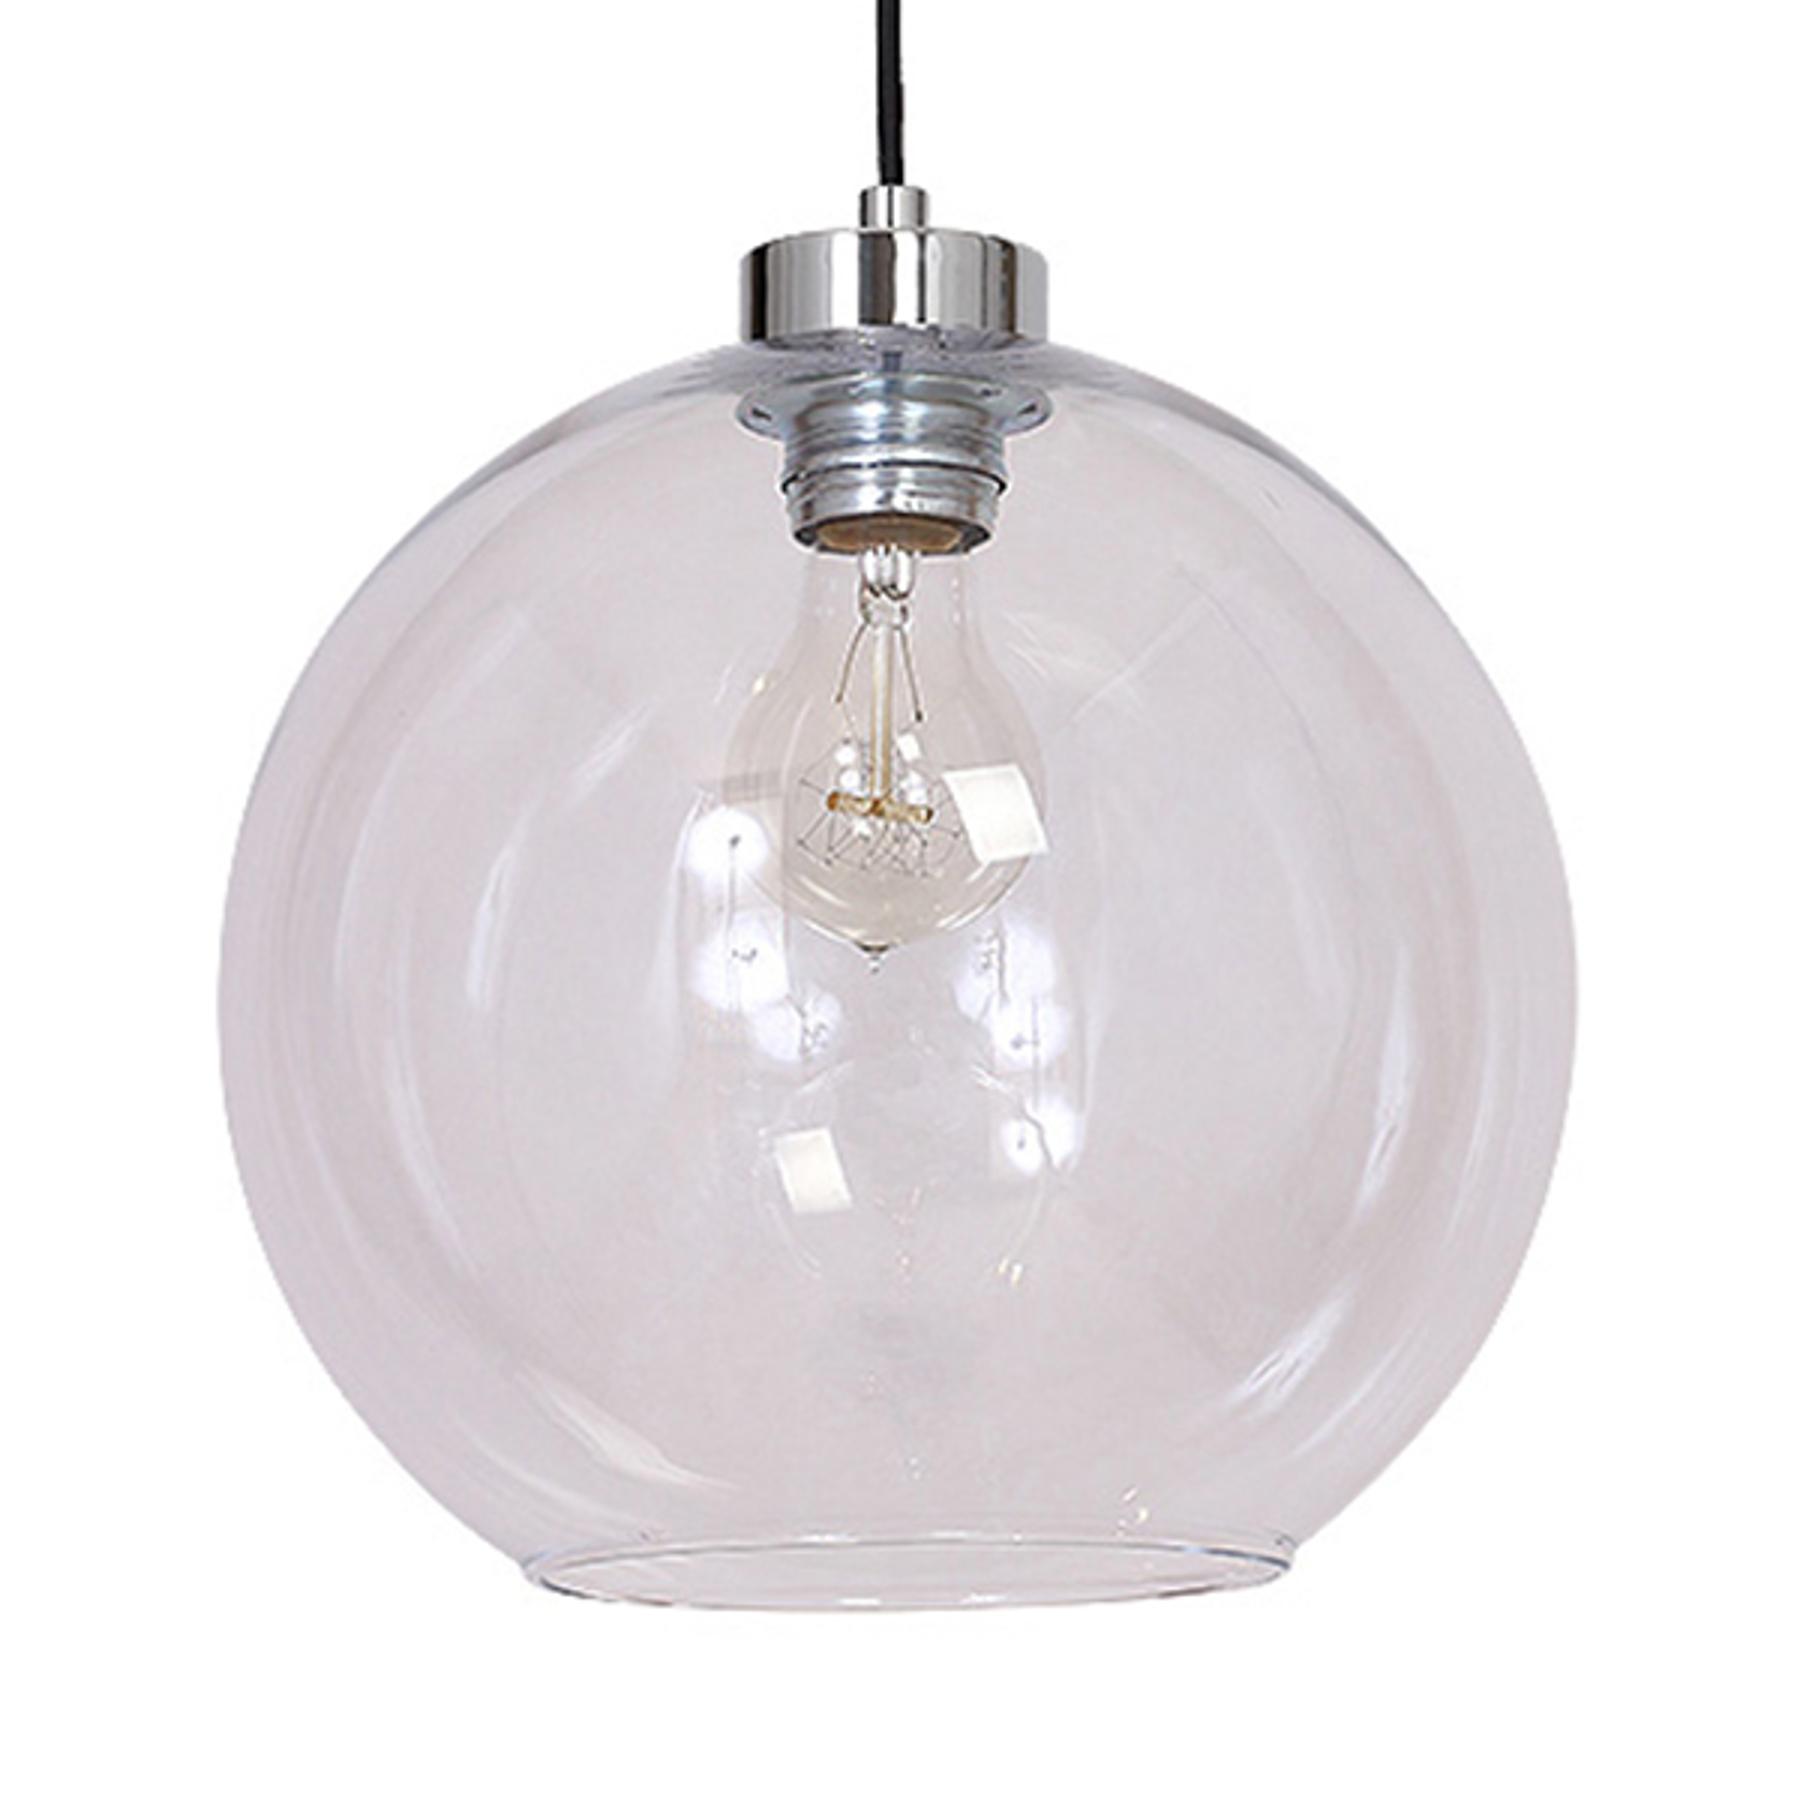 Lampada a sospensione Boll, vetro trasparente